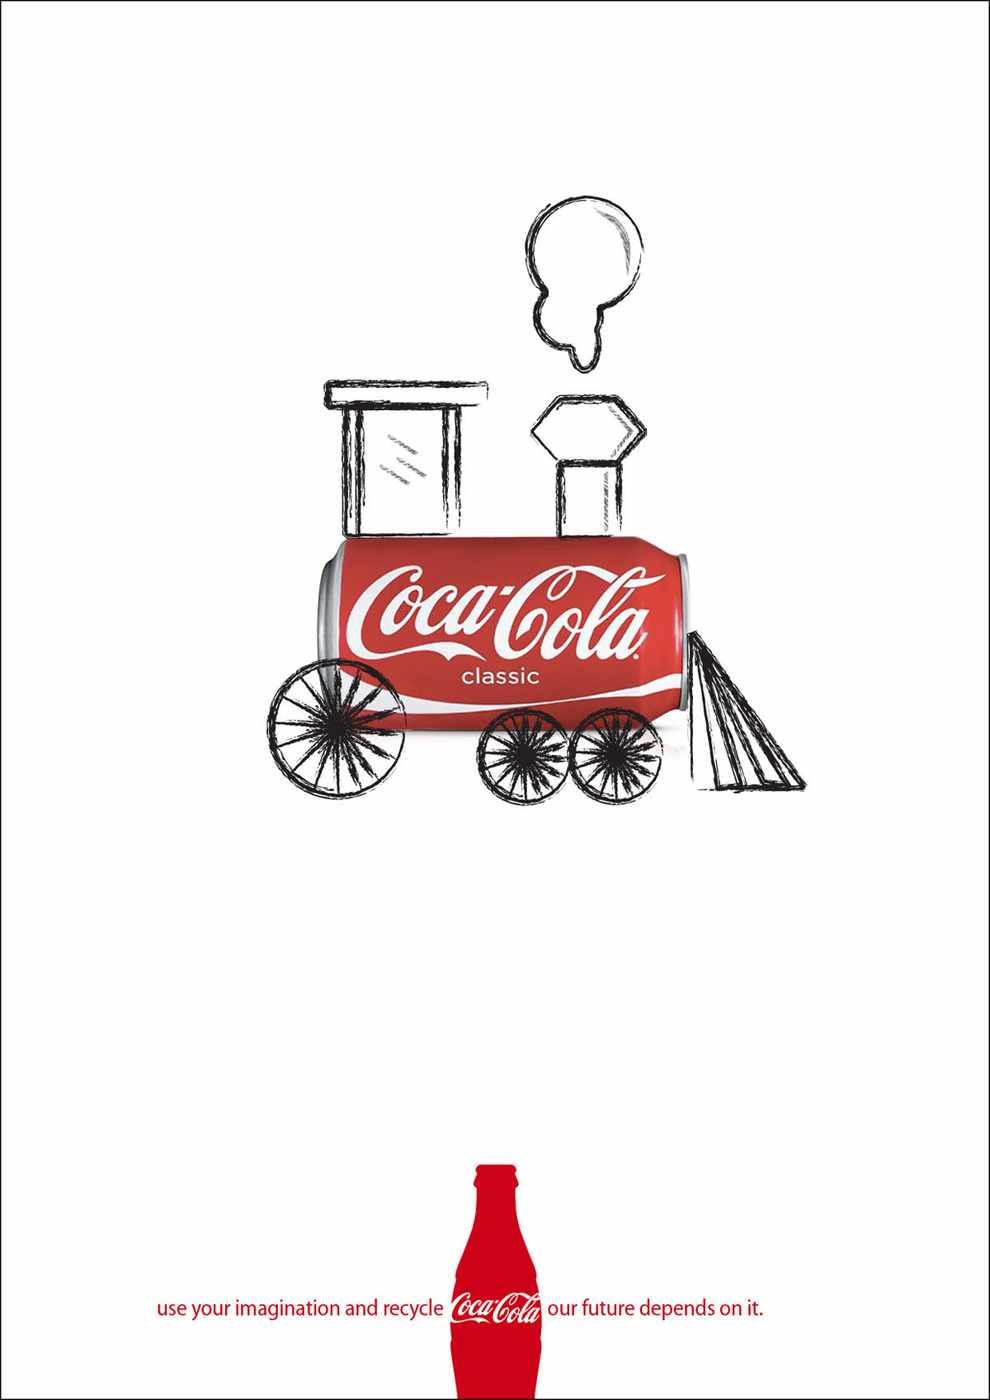 cokeclassic1